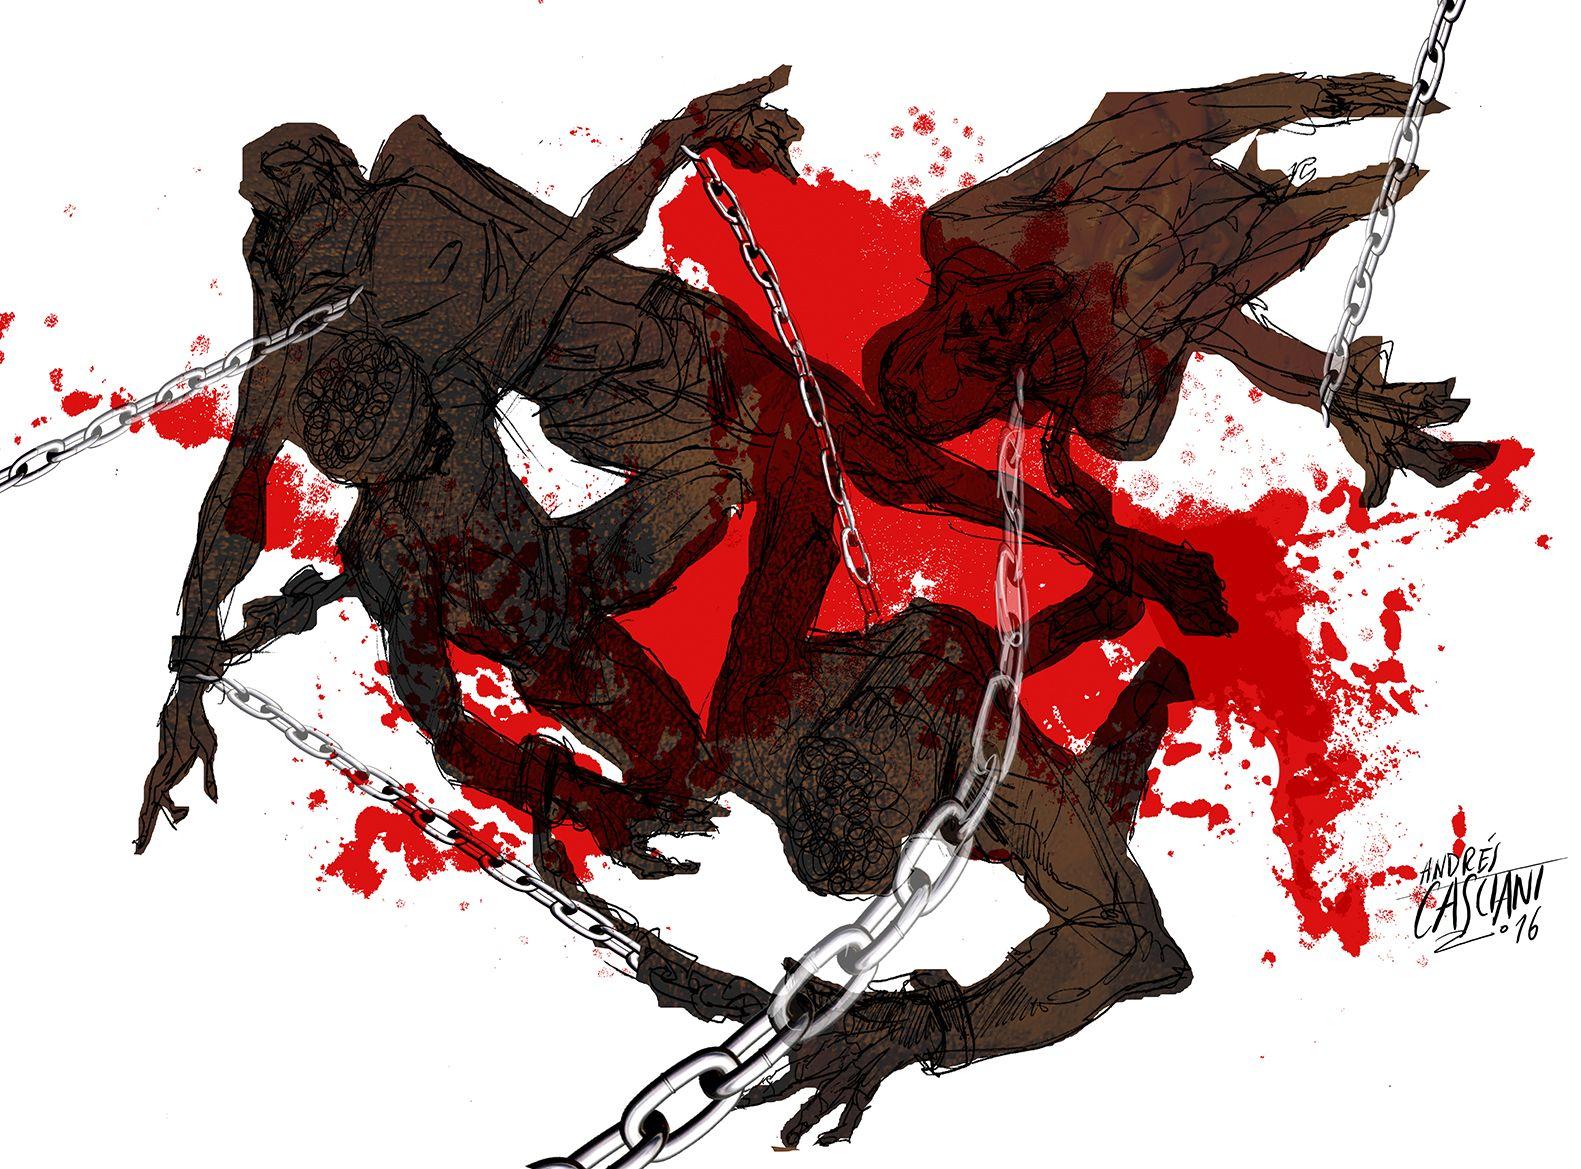 """""""Los hijos de los días"""" - Galeano ilustrado por Casciani 29/2 . acá podés leer el texto:http://andrescasciani.blogspot.com.ar/2016/02/los-hijos-de-los-dias-galeano-ilustrado_29.html"""